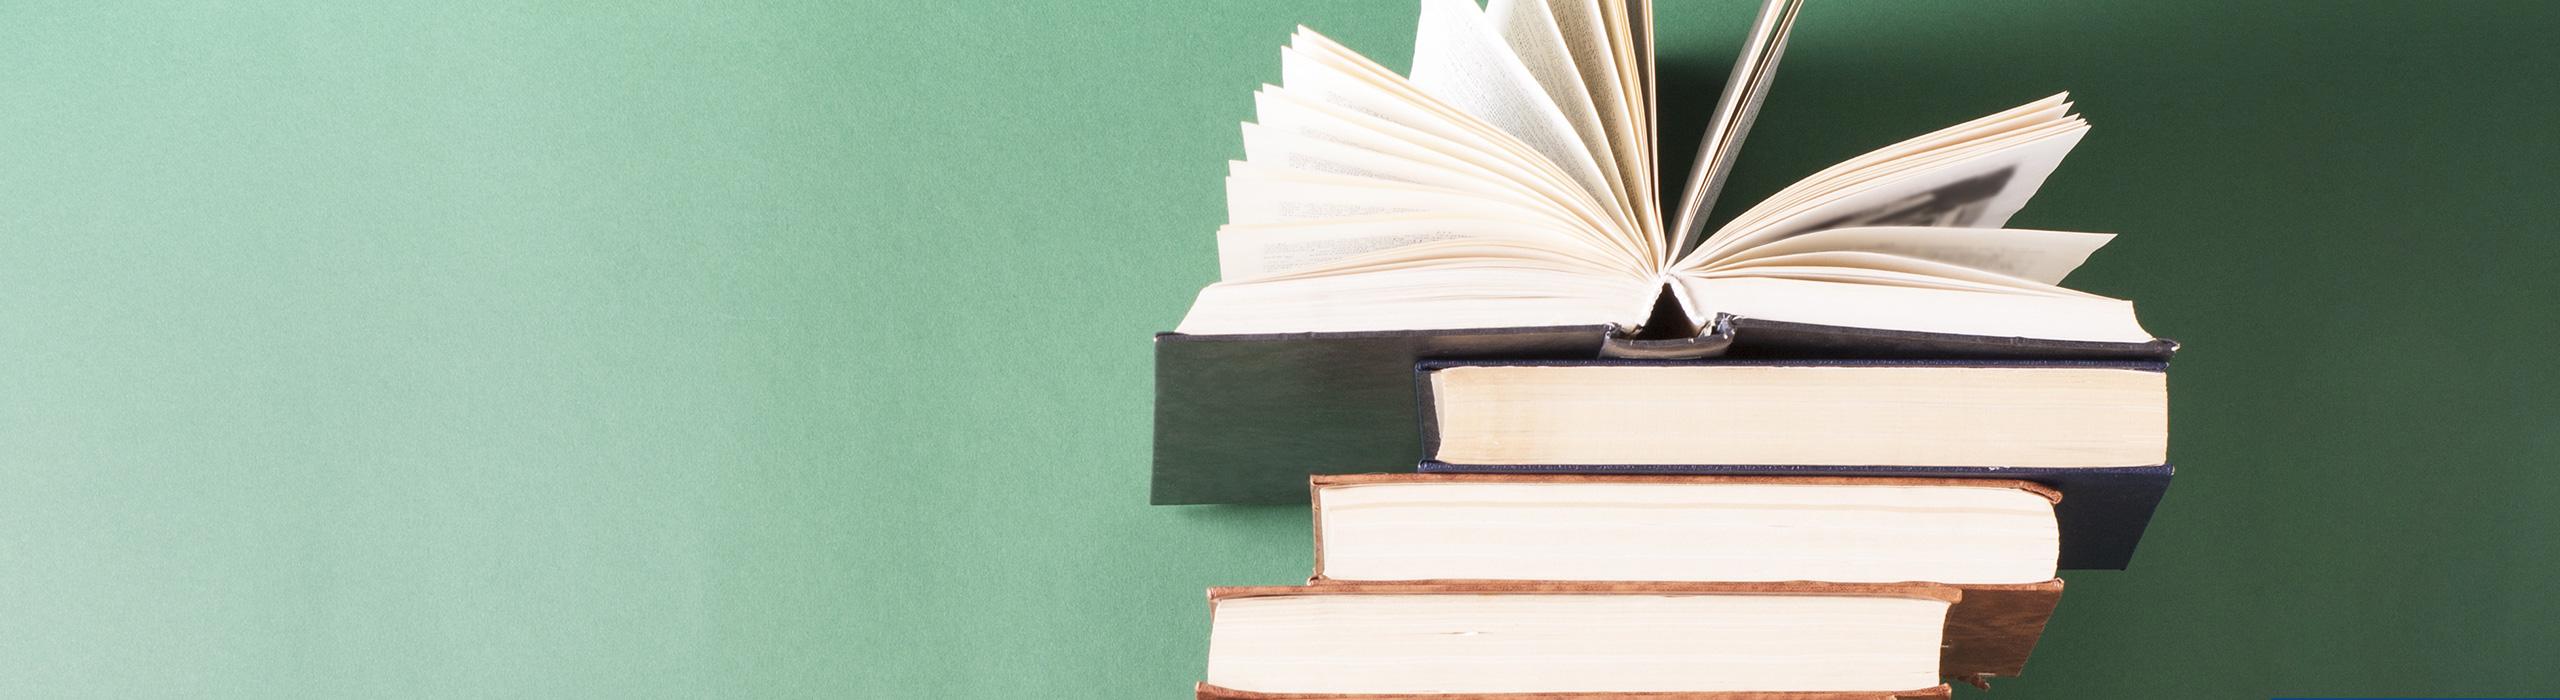 The Best Homeschool Programs and Curriculum - Bridgeway Academy